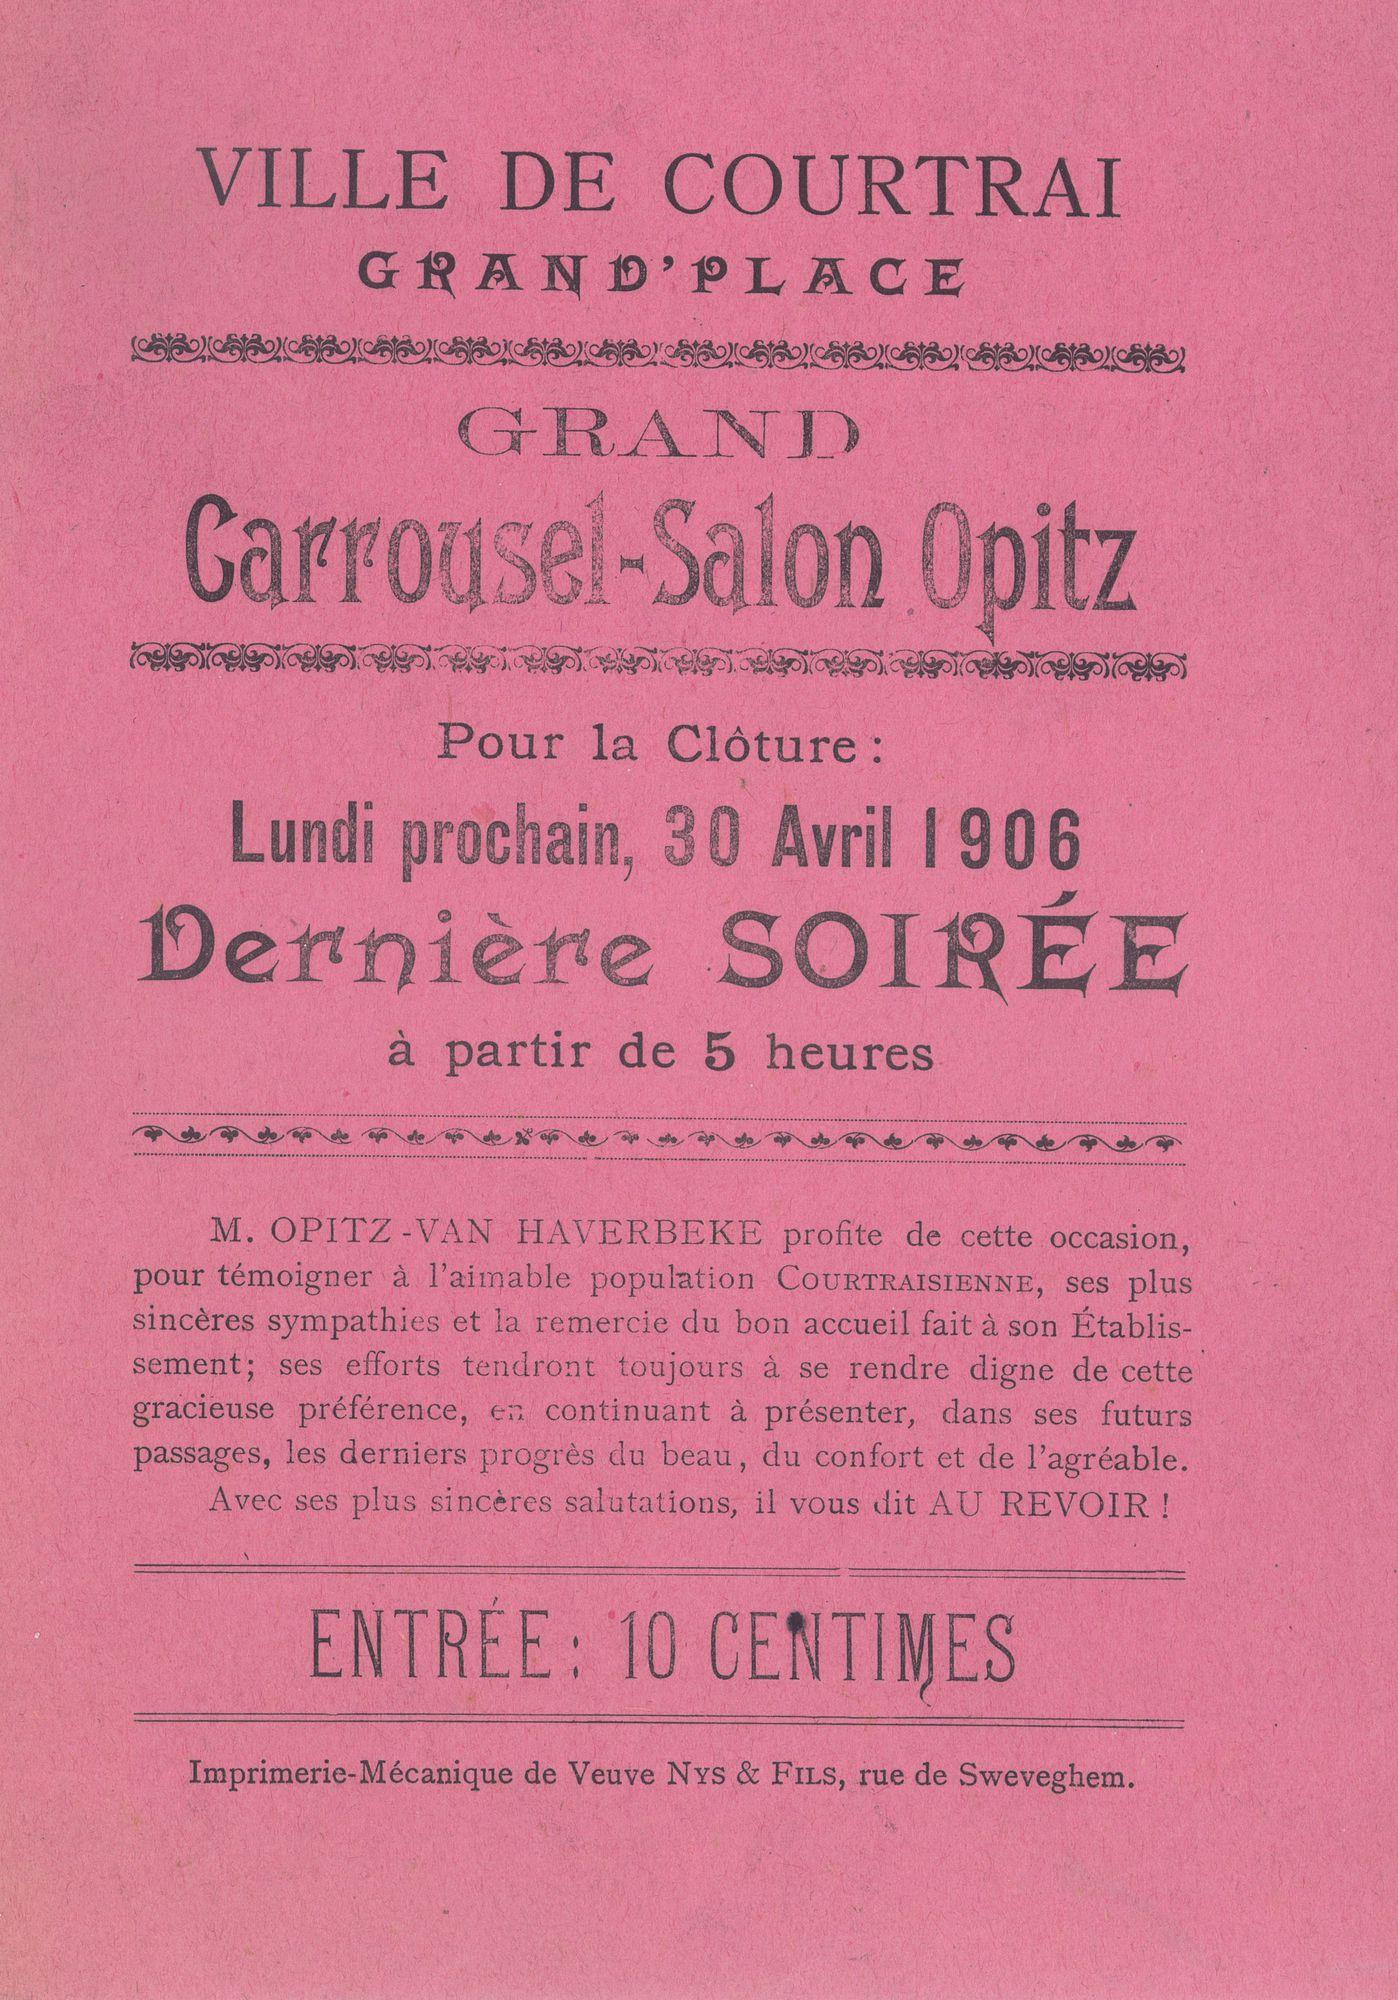 Paasfoor 1906: Grand Carrousel-Salon Opitz